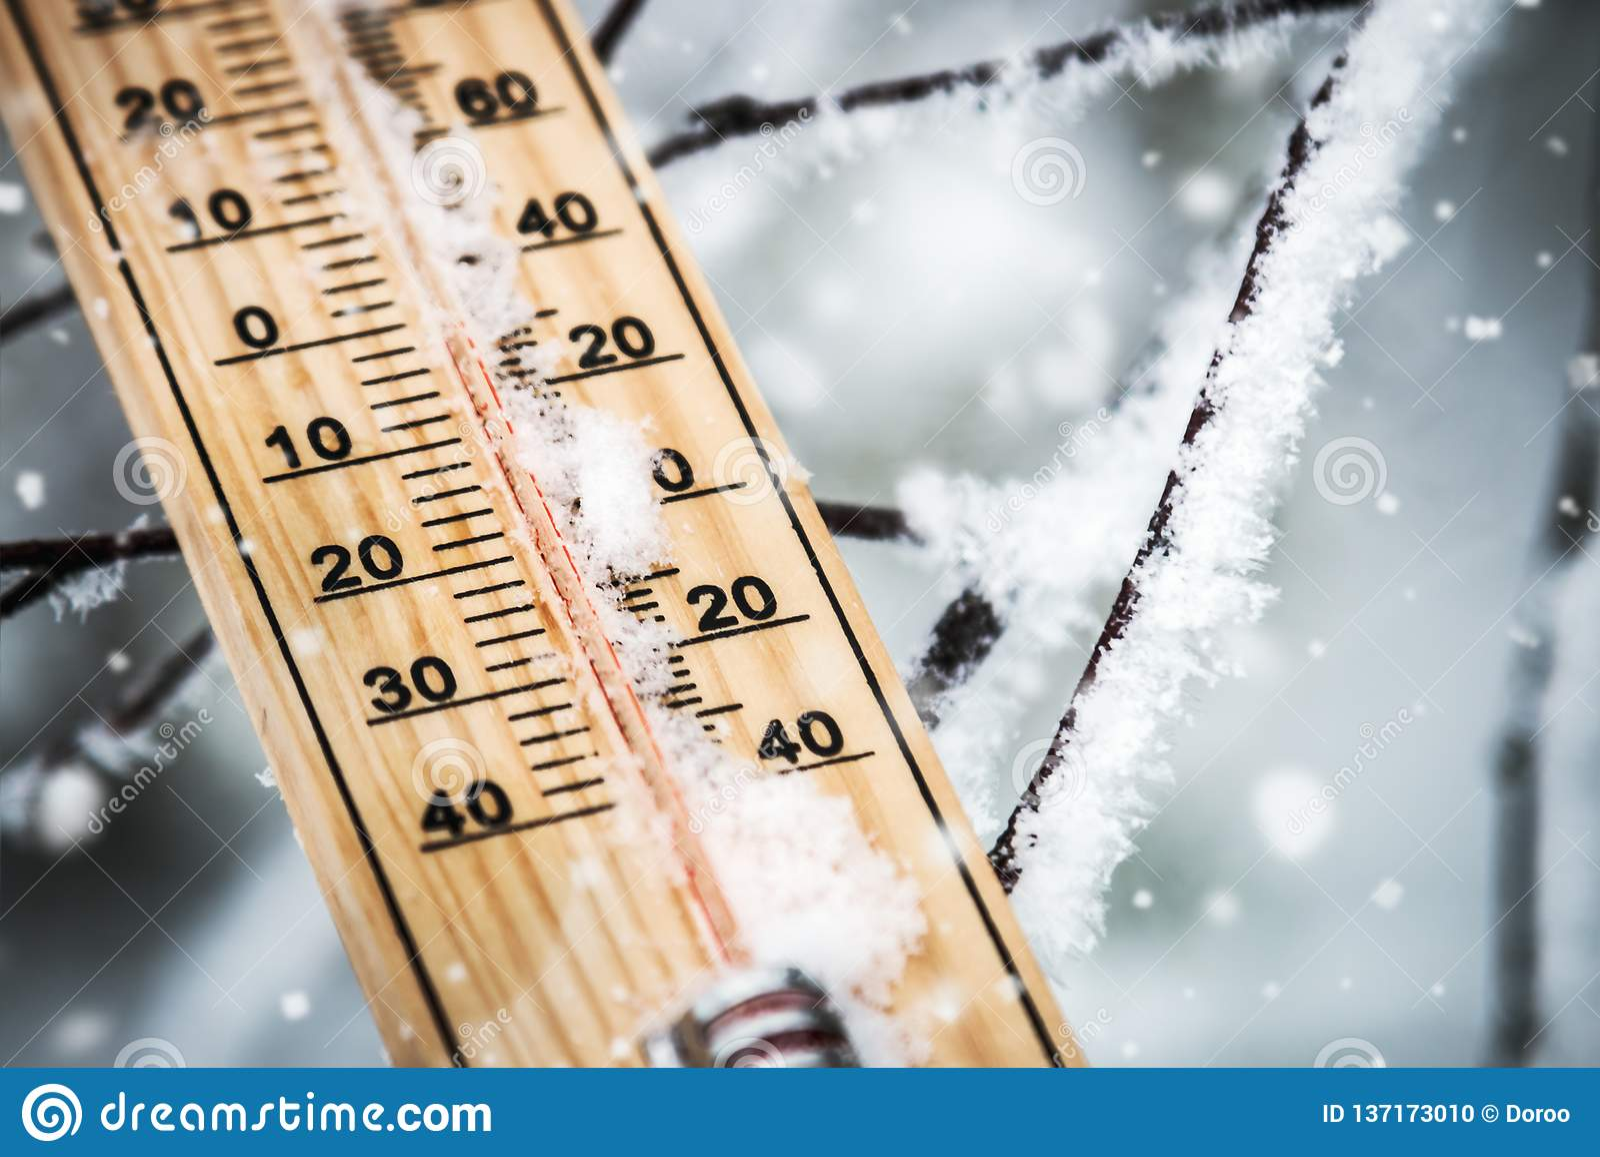 Termometro Con Temperatura Bajo Cero Pegado En La Nieve Foto De Archivo Imagen De Cero Termometro 137173010 La mayor selección de termometro mercurio a los precios más asequibles está en ebay. temperatura bajo cero pegado